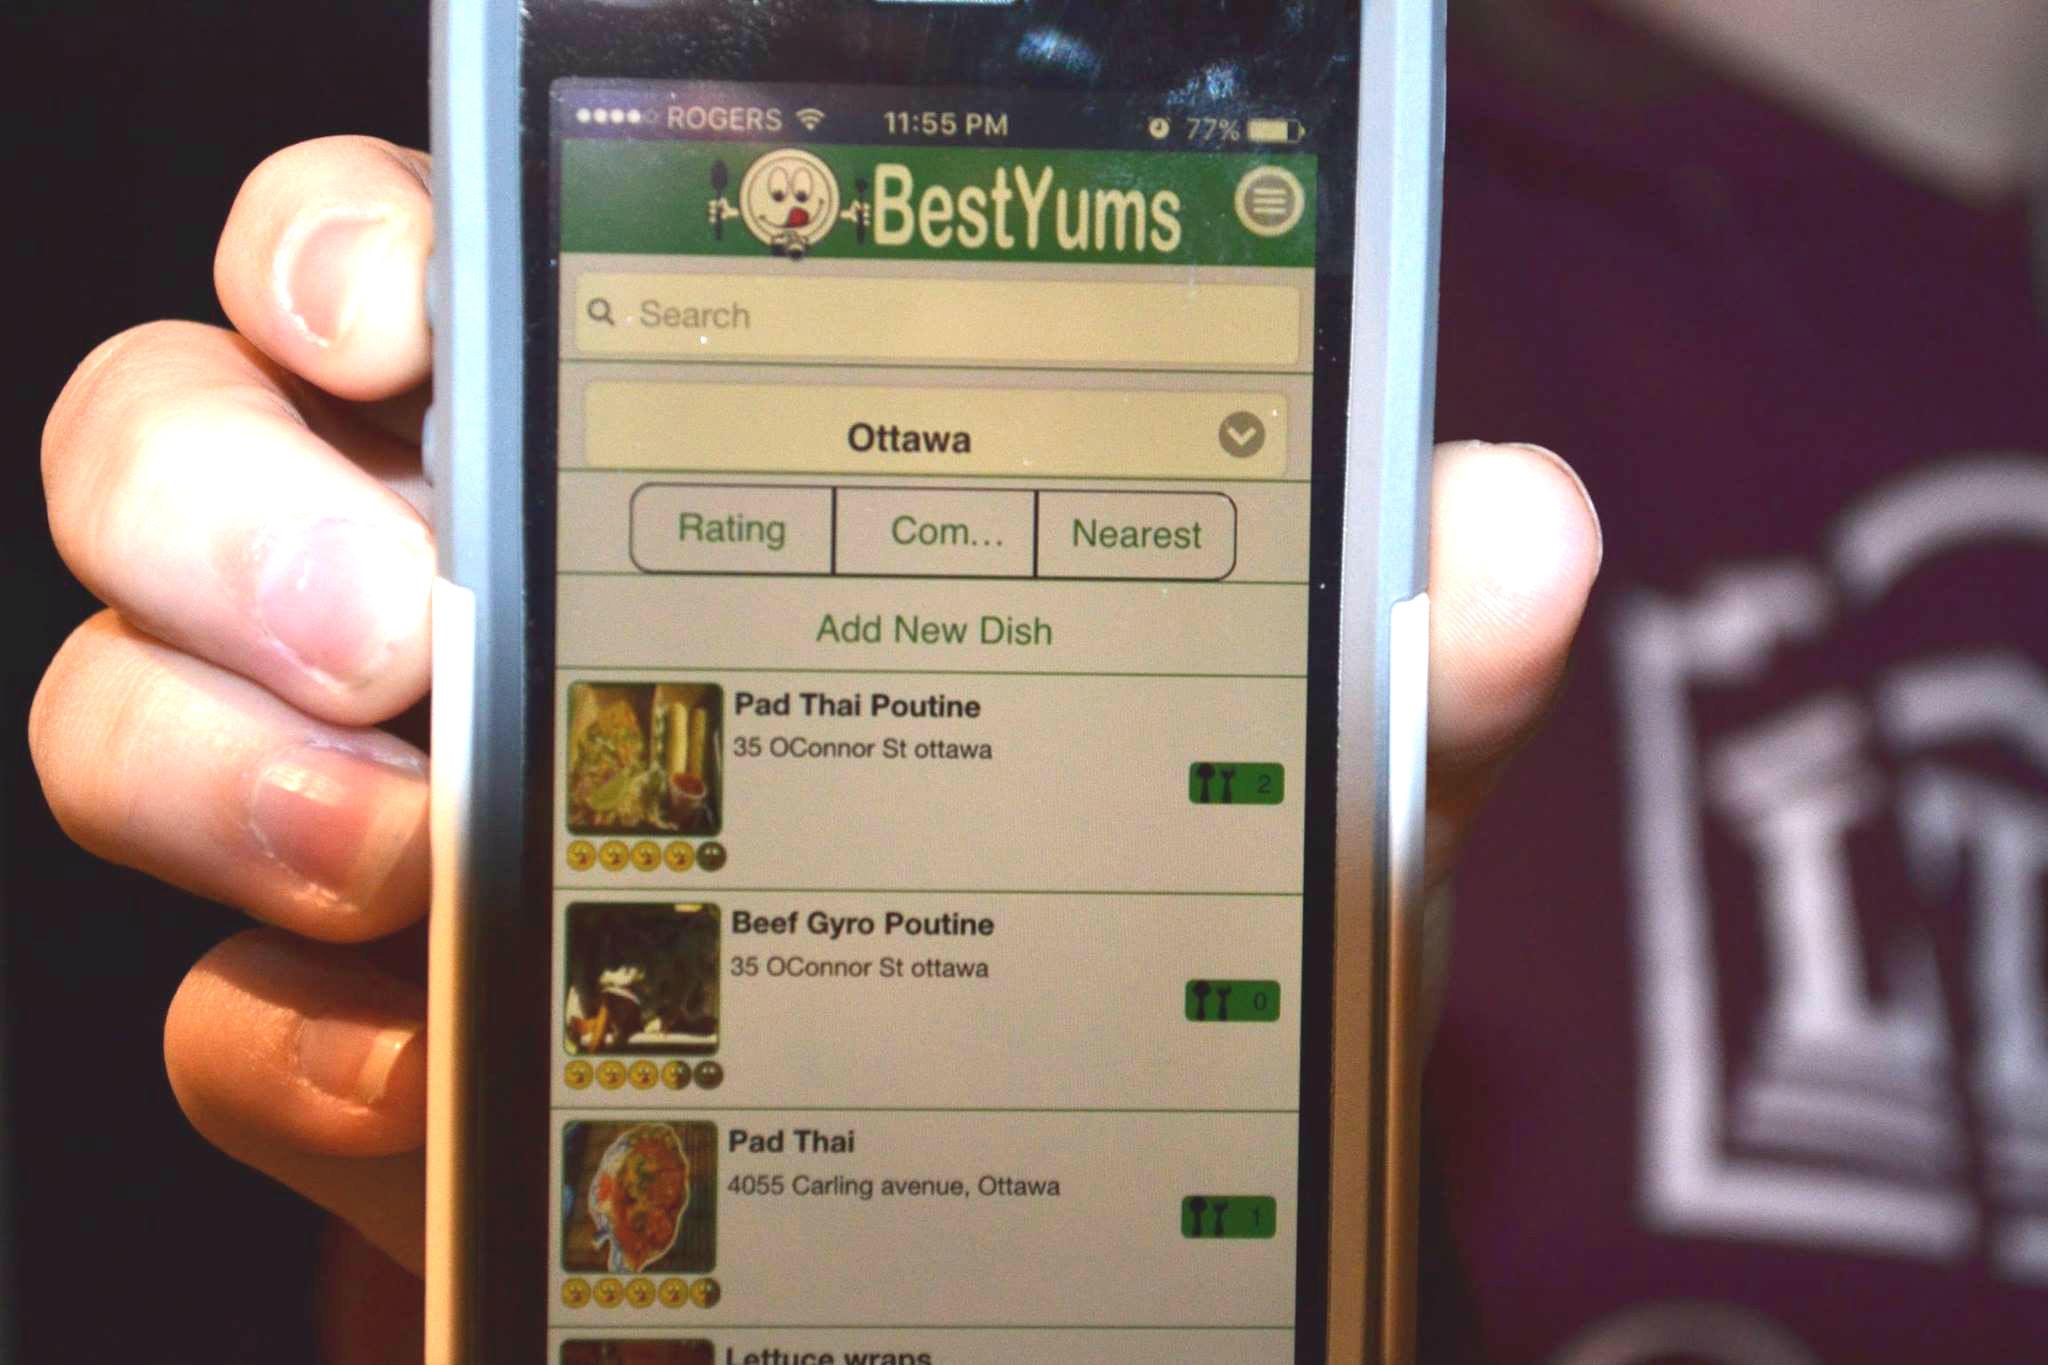 Une personne tenant un appareil mobile sur l'écran duquel on voit l'application.